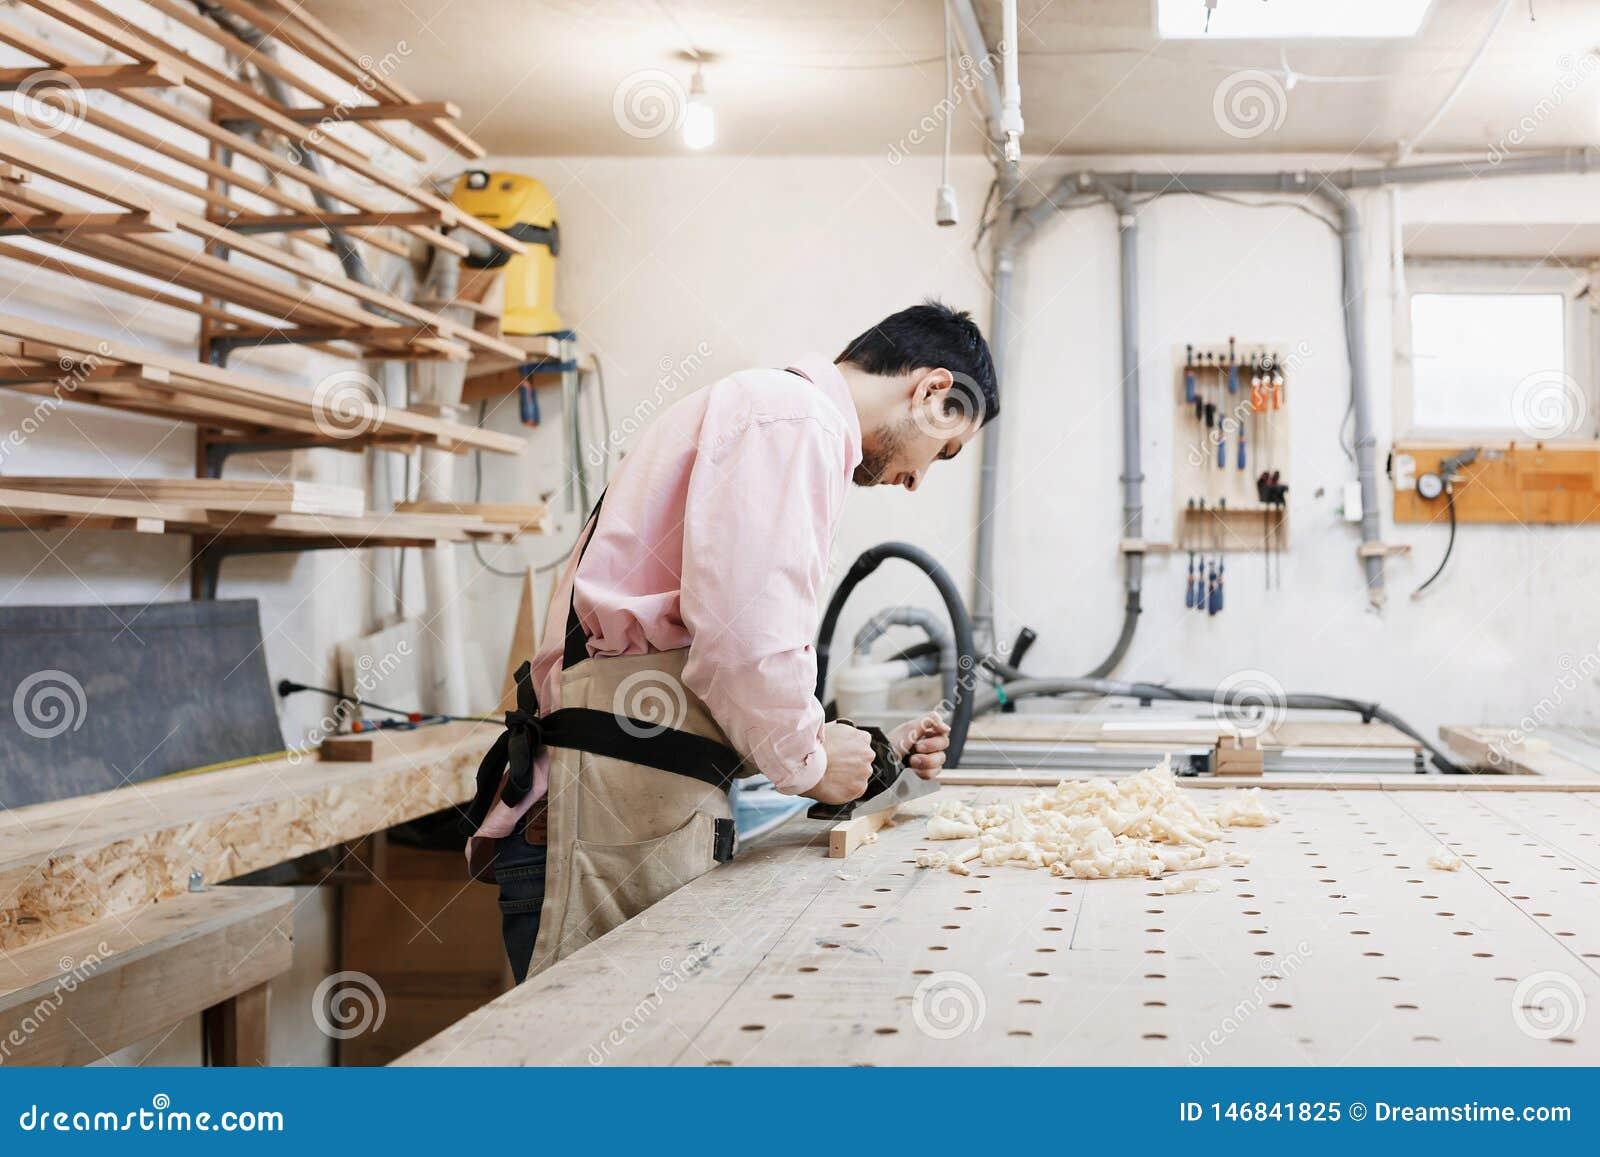 Ξυλουργός που εργάζεται με το αεροπλάνο και την ξύλινη σανίδα στο εργαστήριο